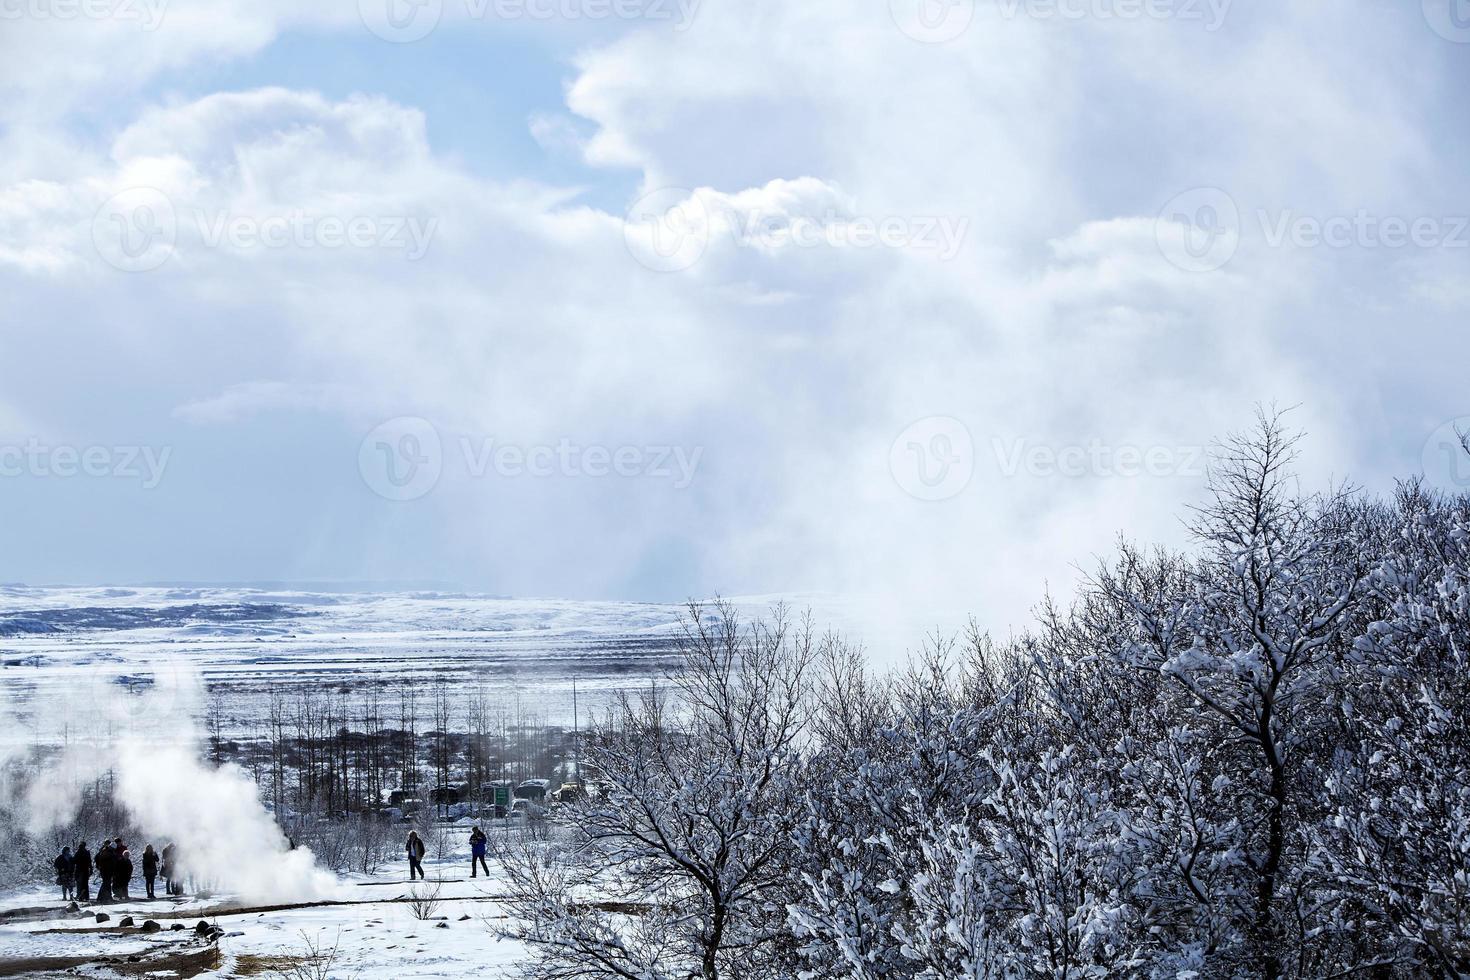 Geyser landscape in winter in Iceland photo